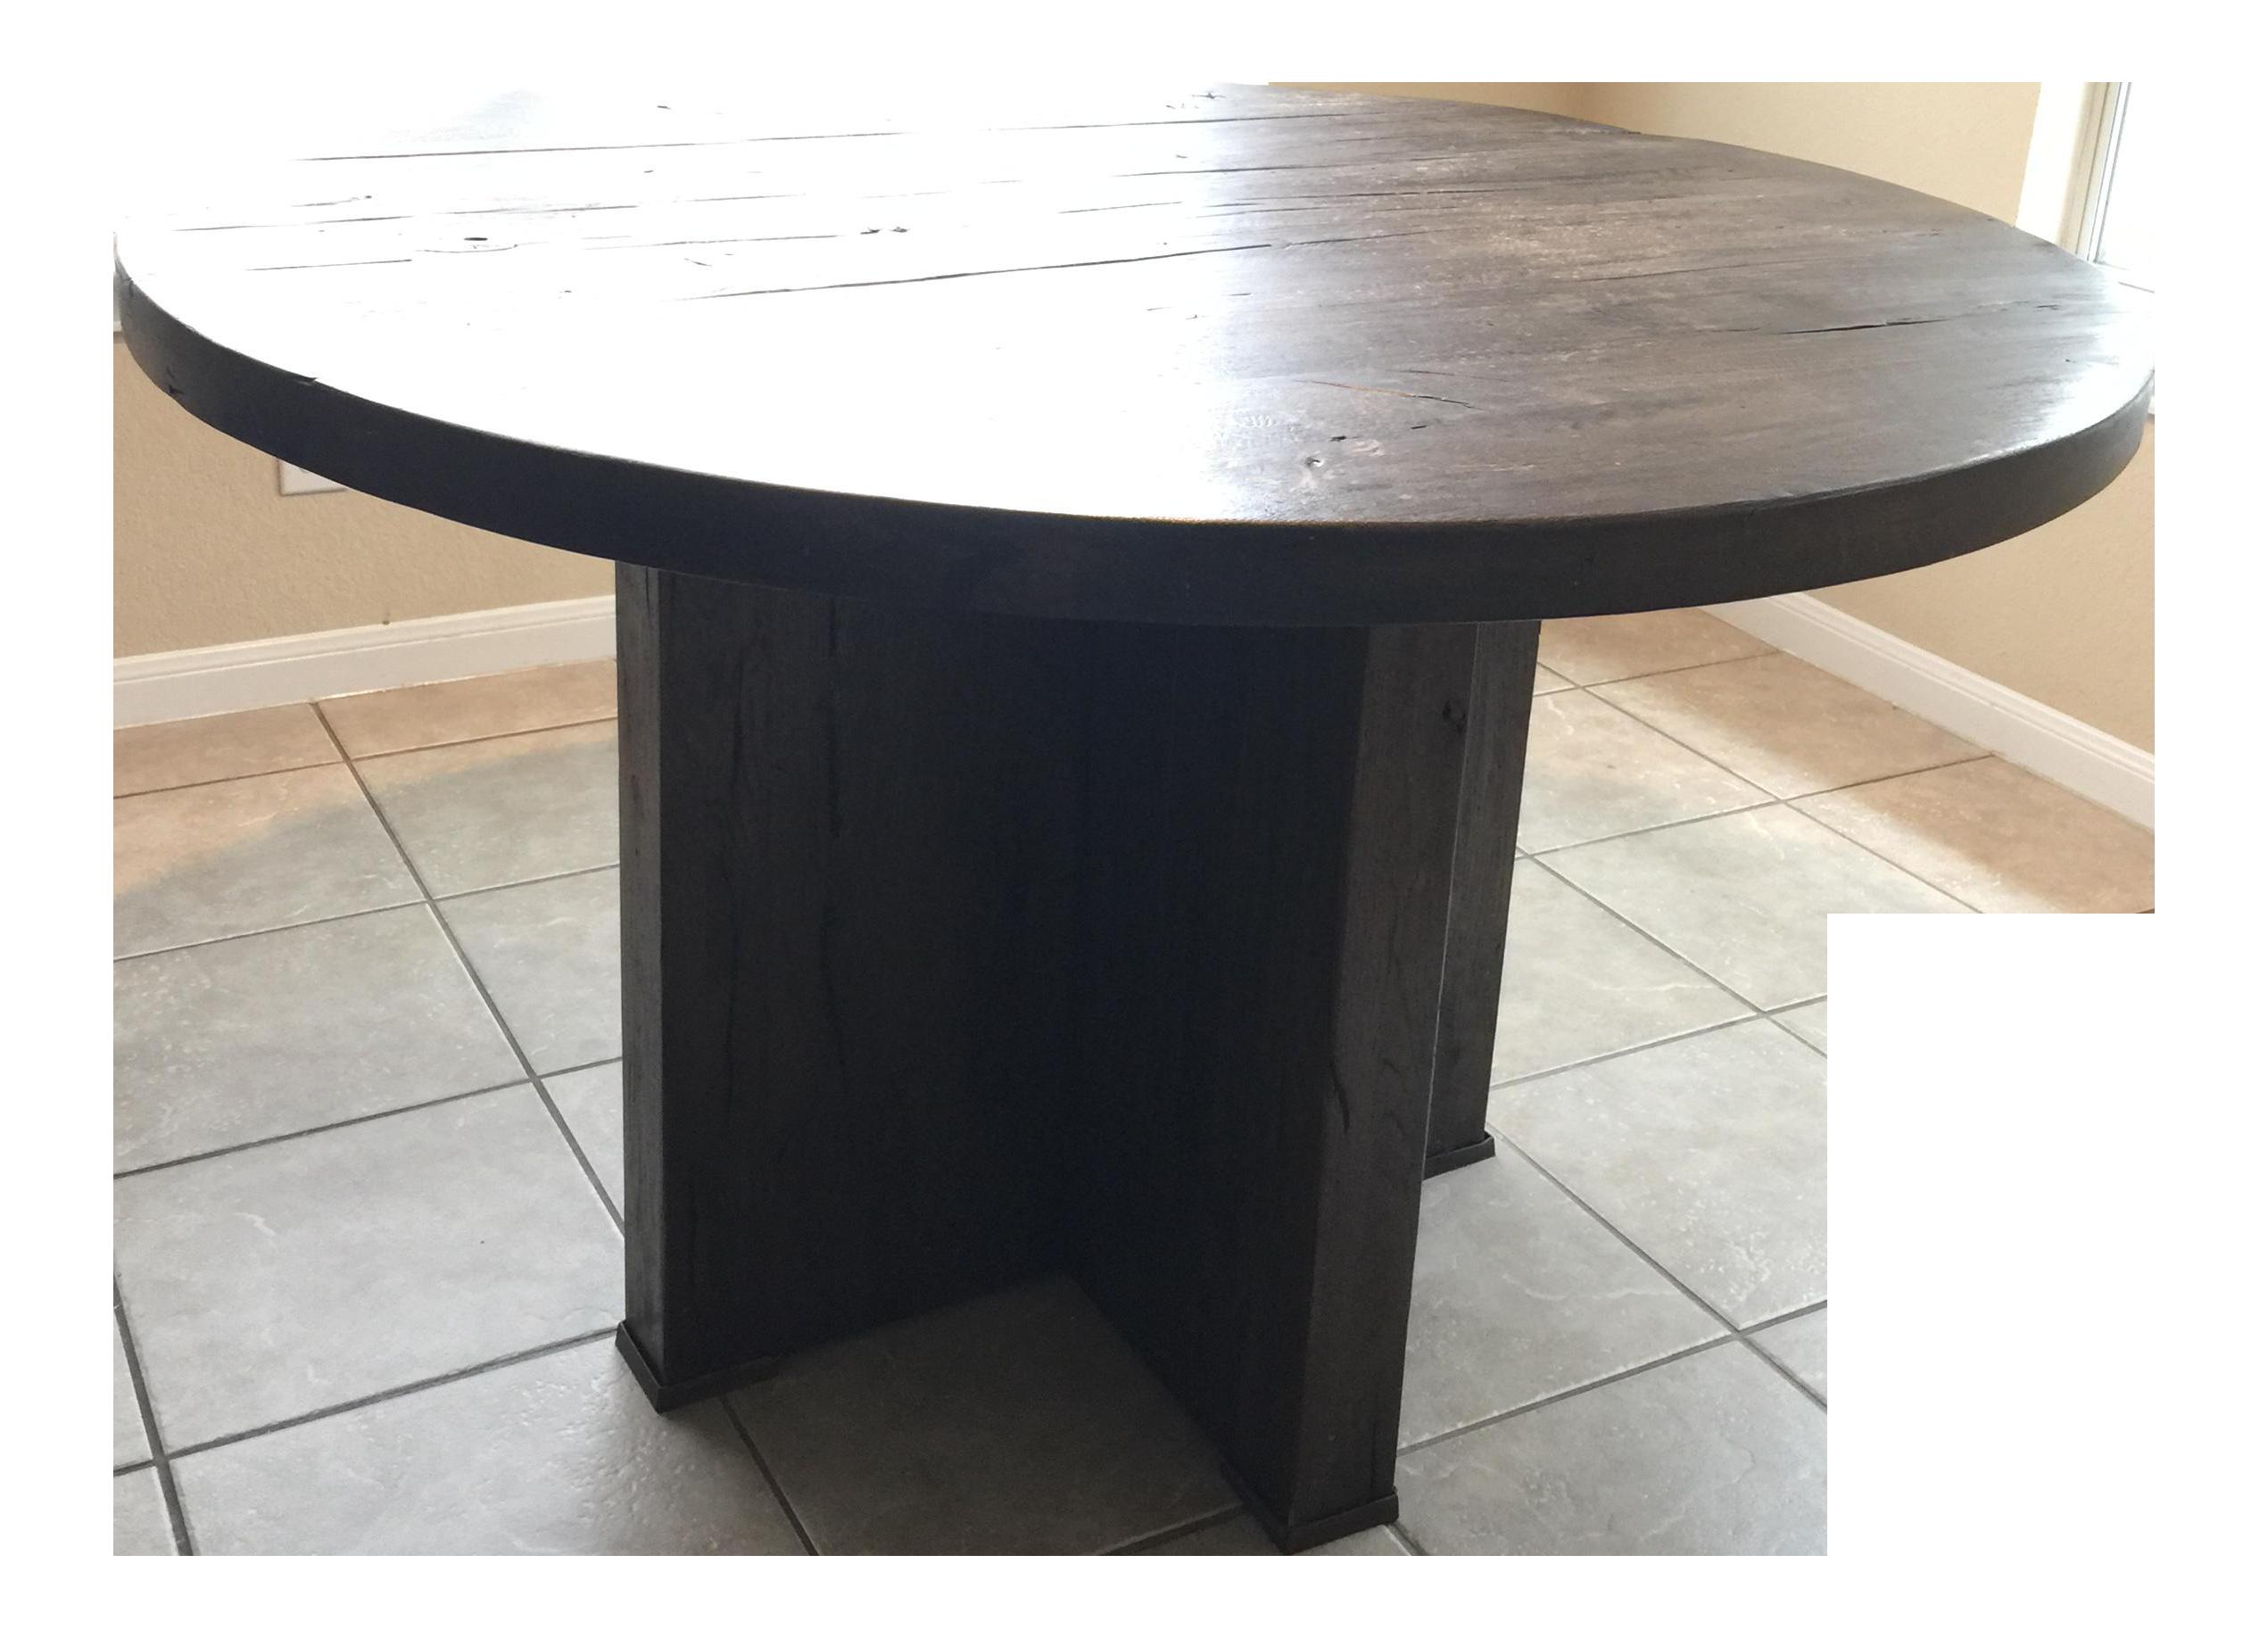 Restoration Hardware Reclaimed Russian Oak Table Chairish : restoration hardware reclaimed russian oak table 2632aspectfitampwidth640ampheight640 from www.chairish.com size 640 x 640 jpeg 18kB